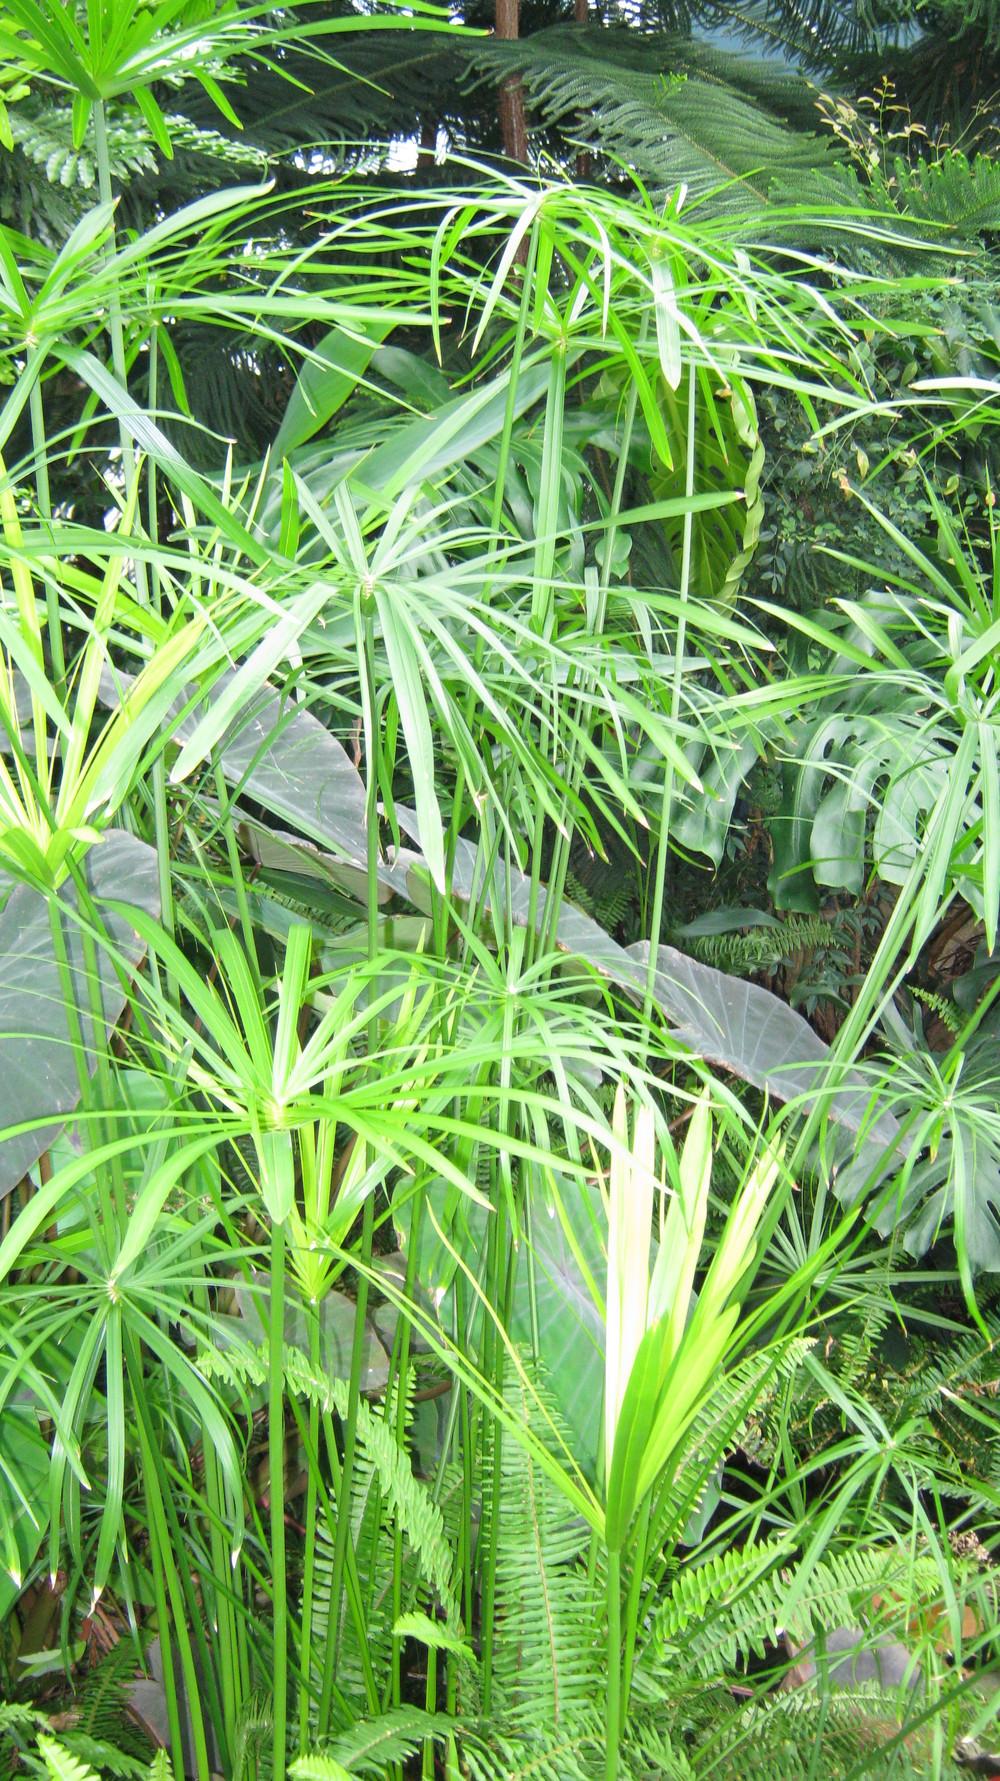 Cyperus involucratus (Umbrella Sedge)